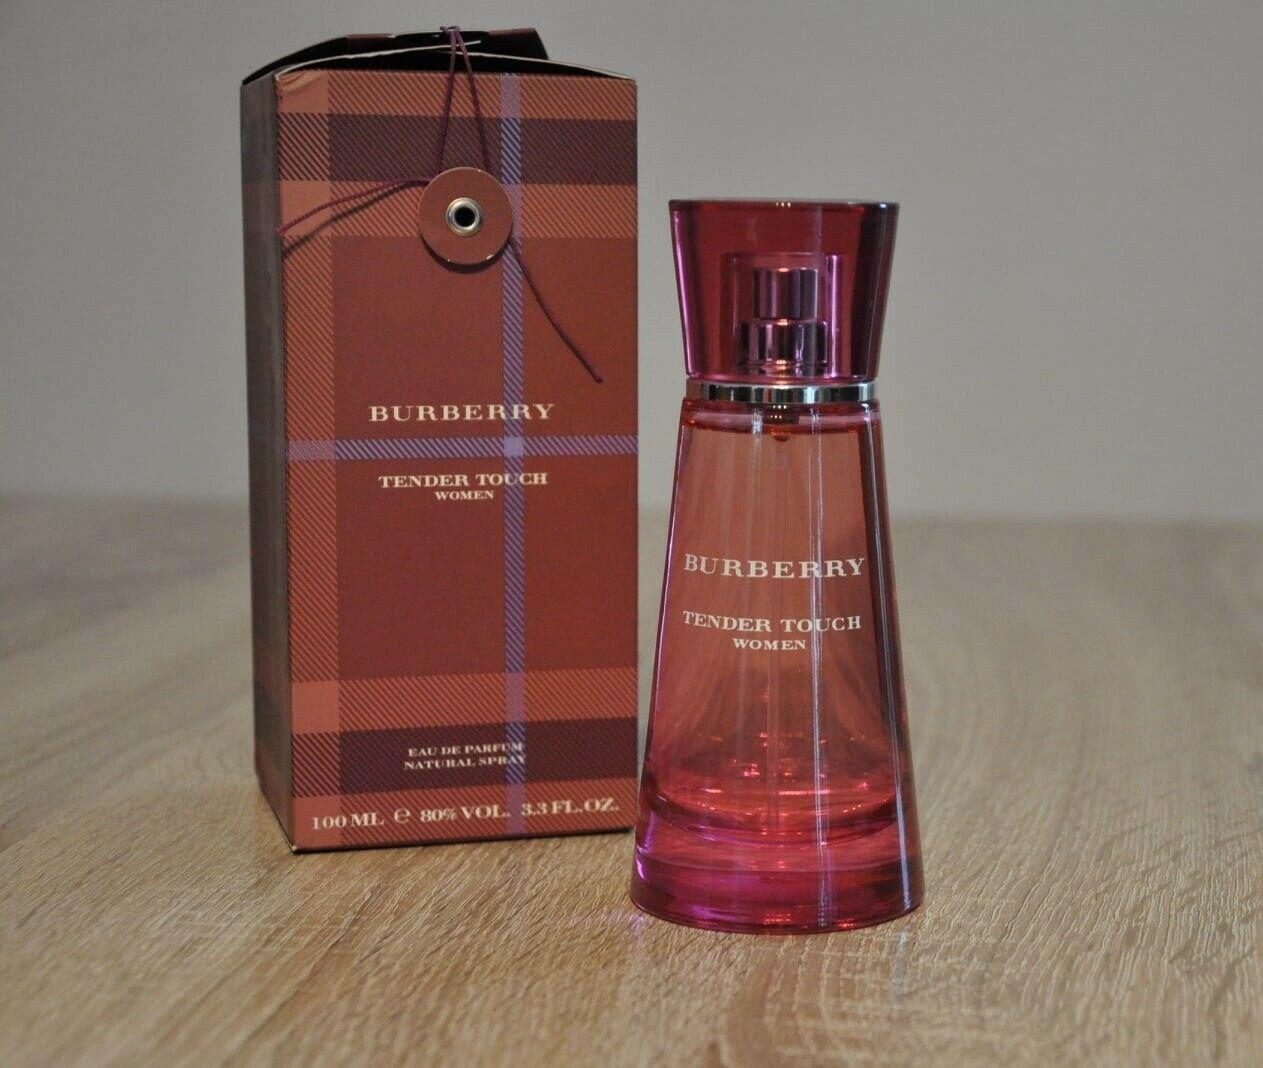 Aaaaaburberry tender touch 3.4 oz perfume